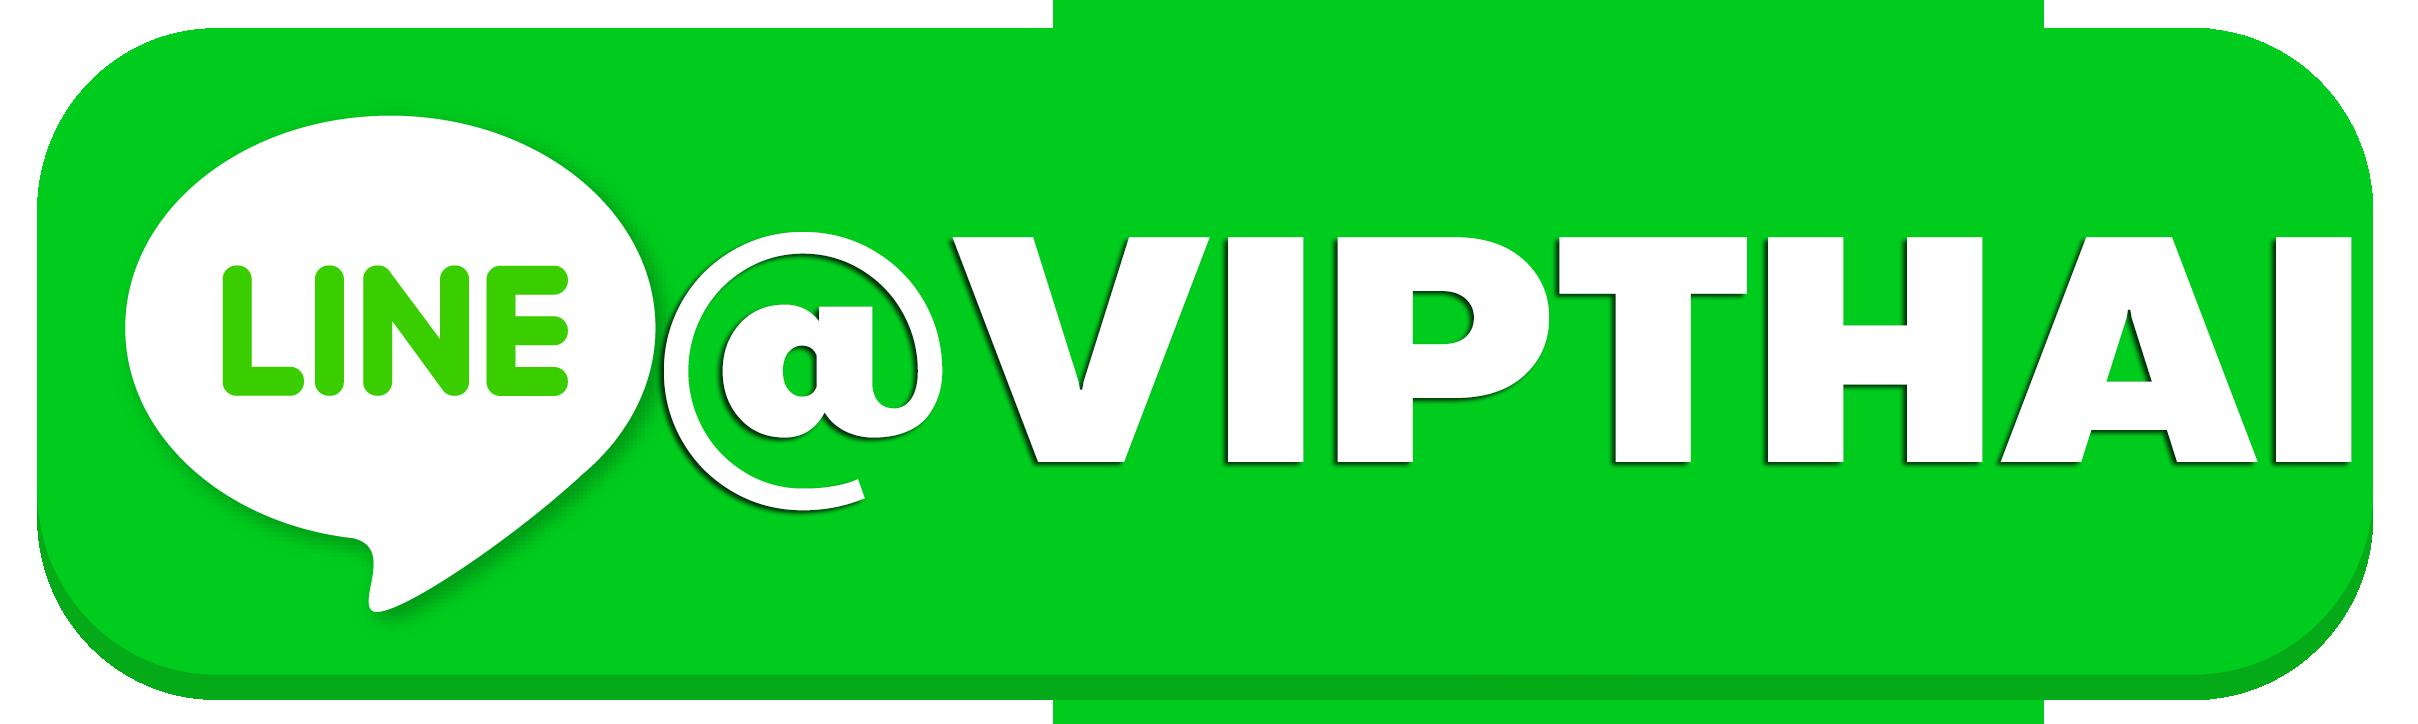 vip2541, สมัครvip2541, สมัคร vip2541, วีไอพี2541, สมัครวีไอพี2541, แทงบอลvip, line vip, linevip2541,